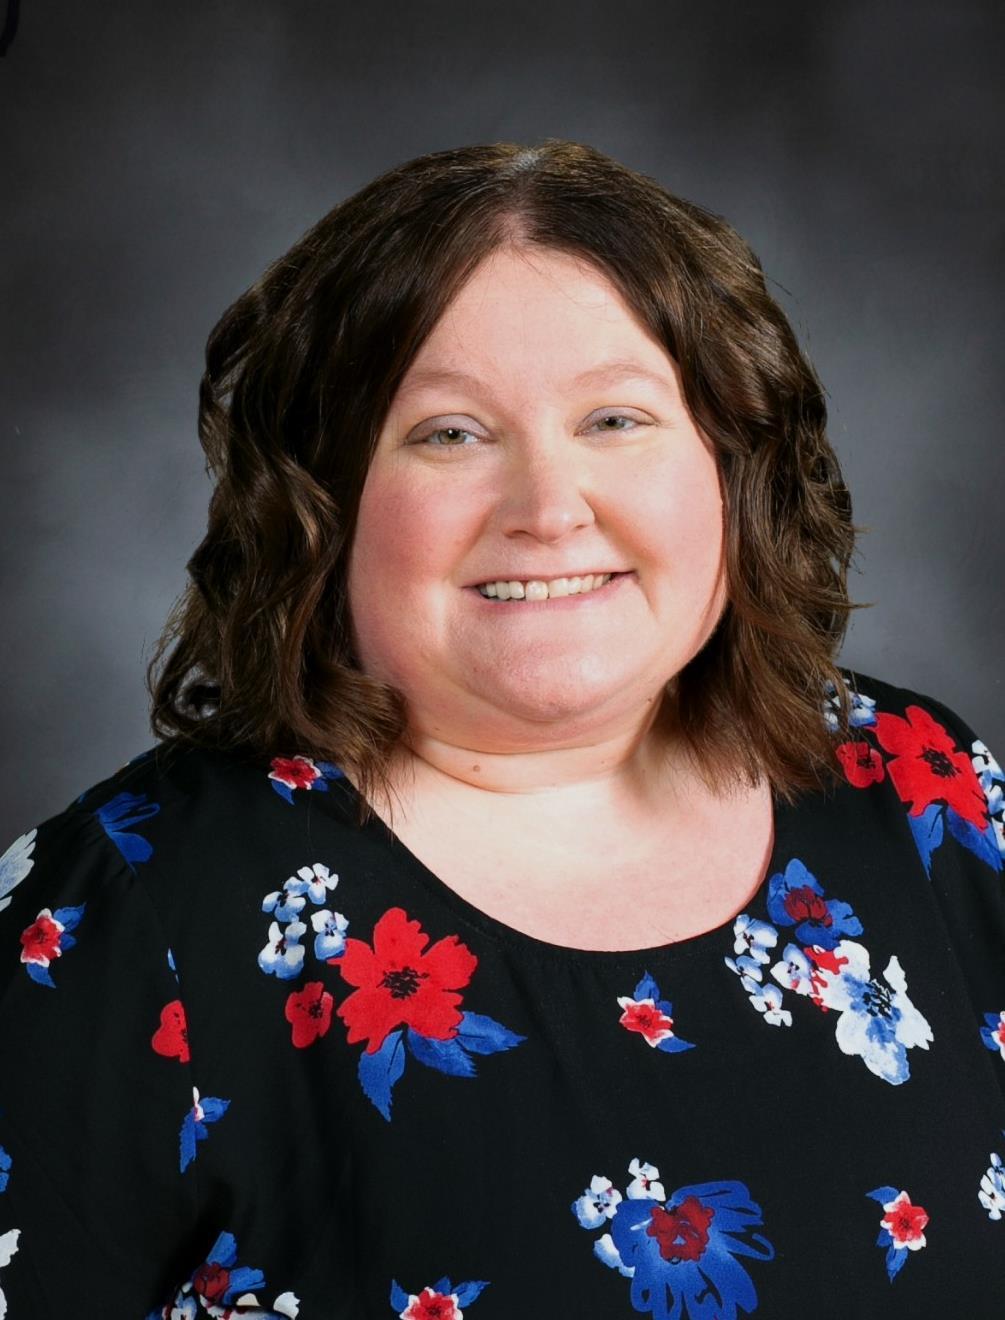 Mrs. K. Malone, Intervention Specialist